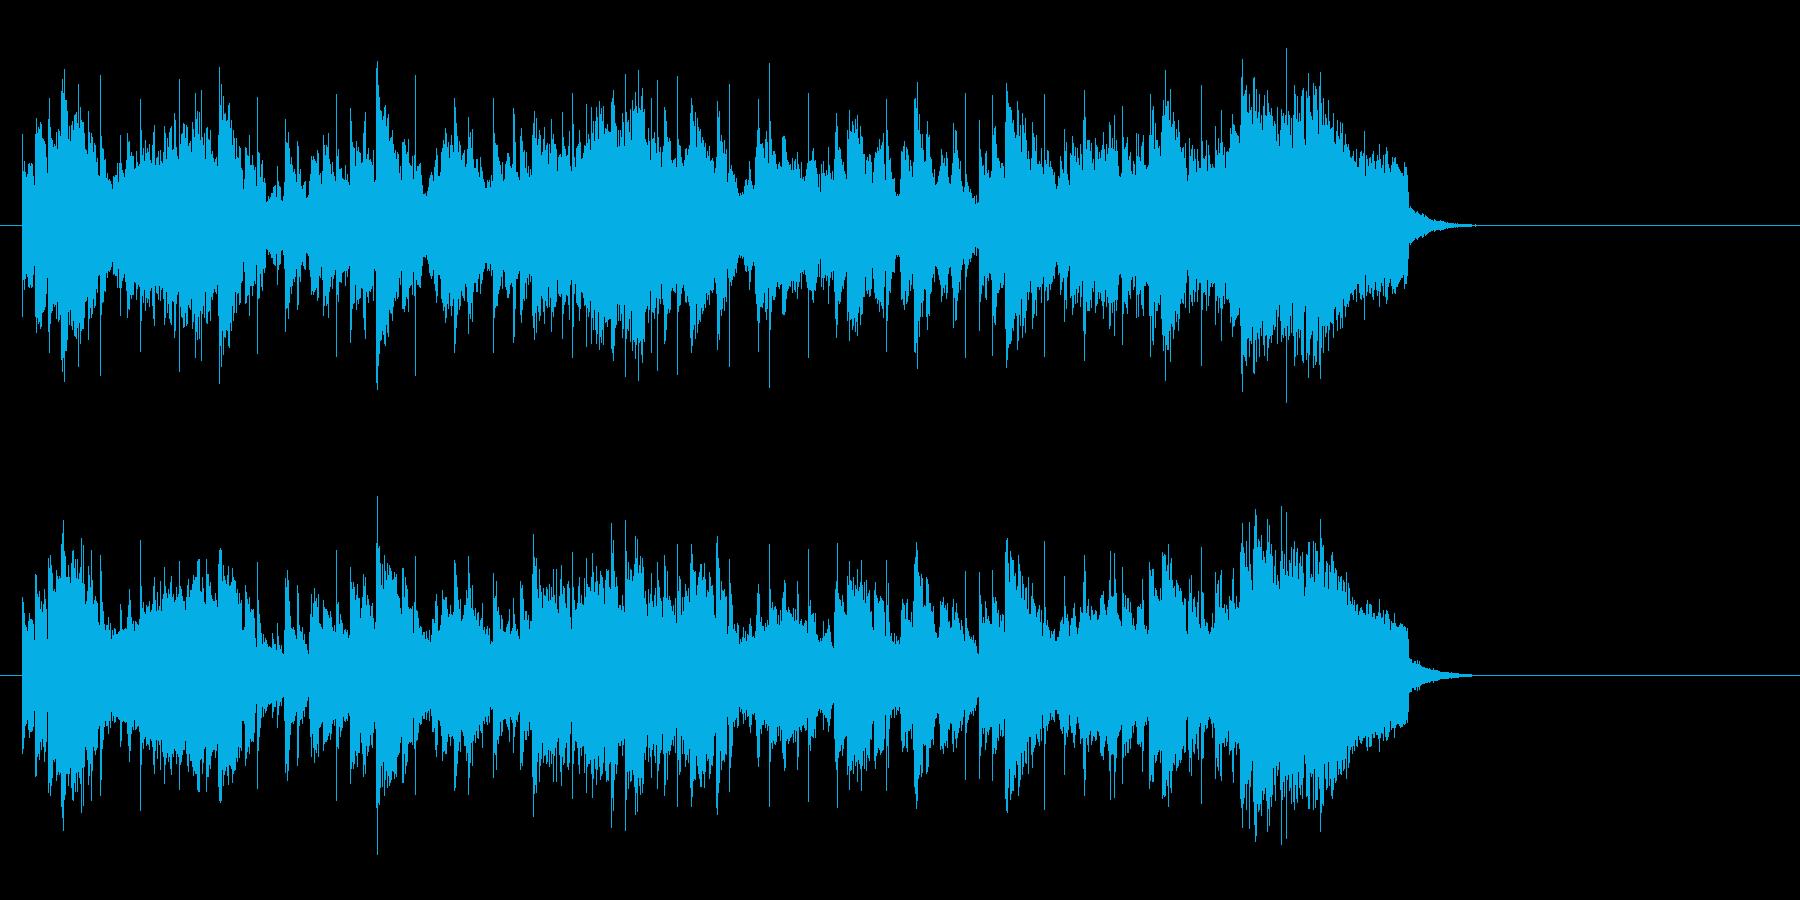 ナイト&グルーヴ アダルト・サウンドの再生済みの波形